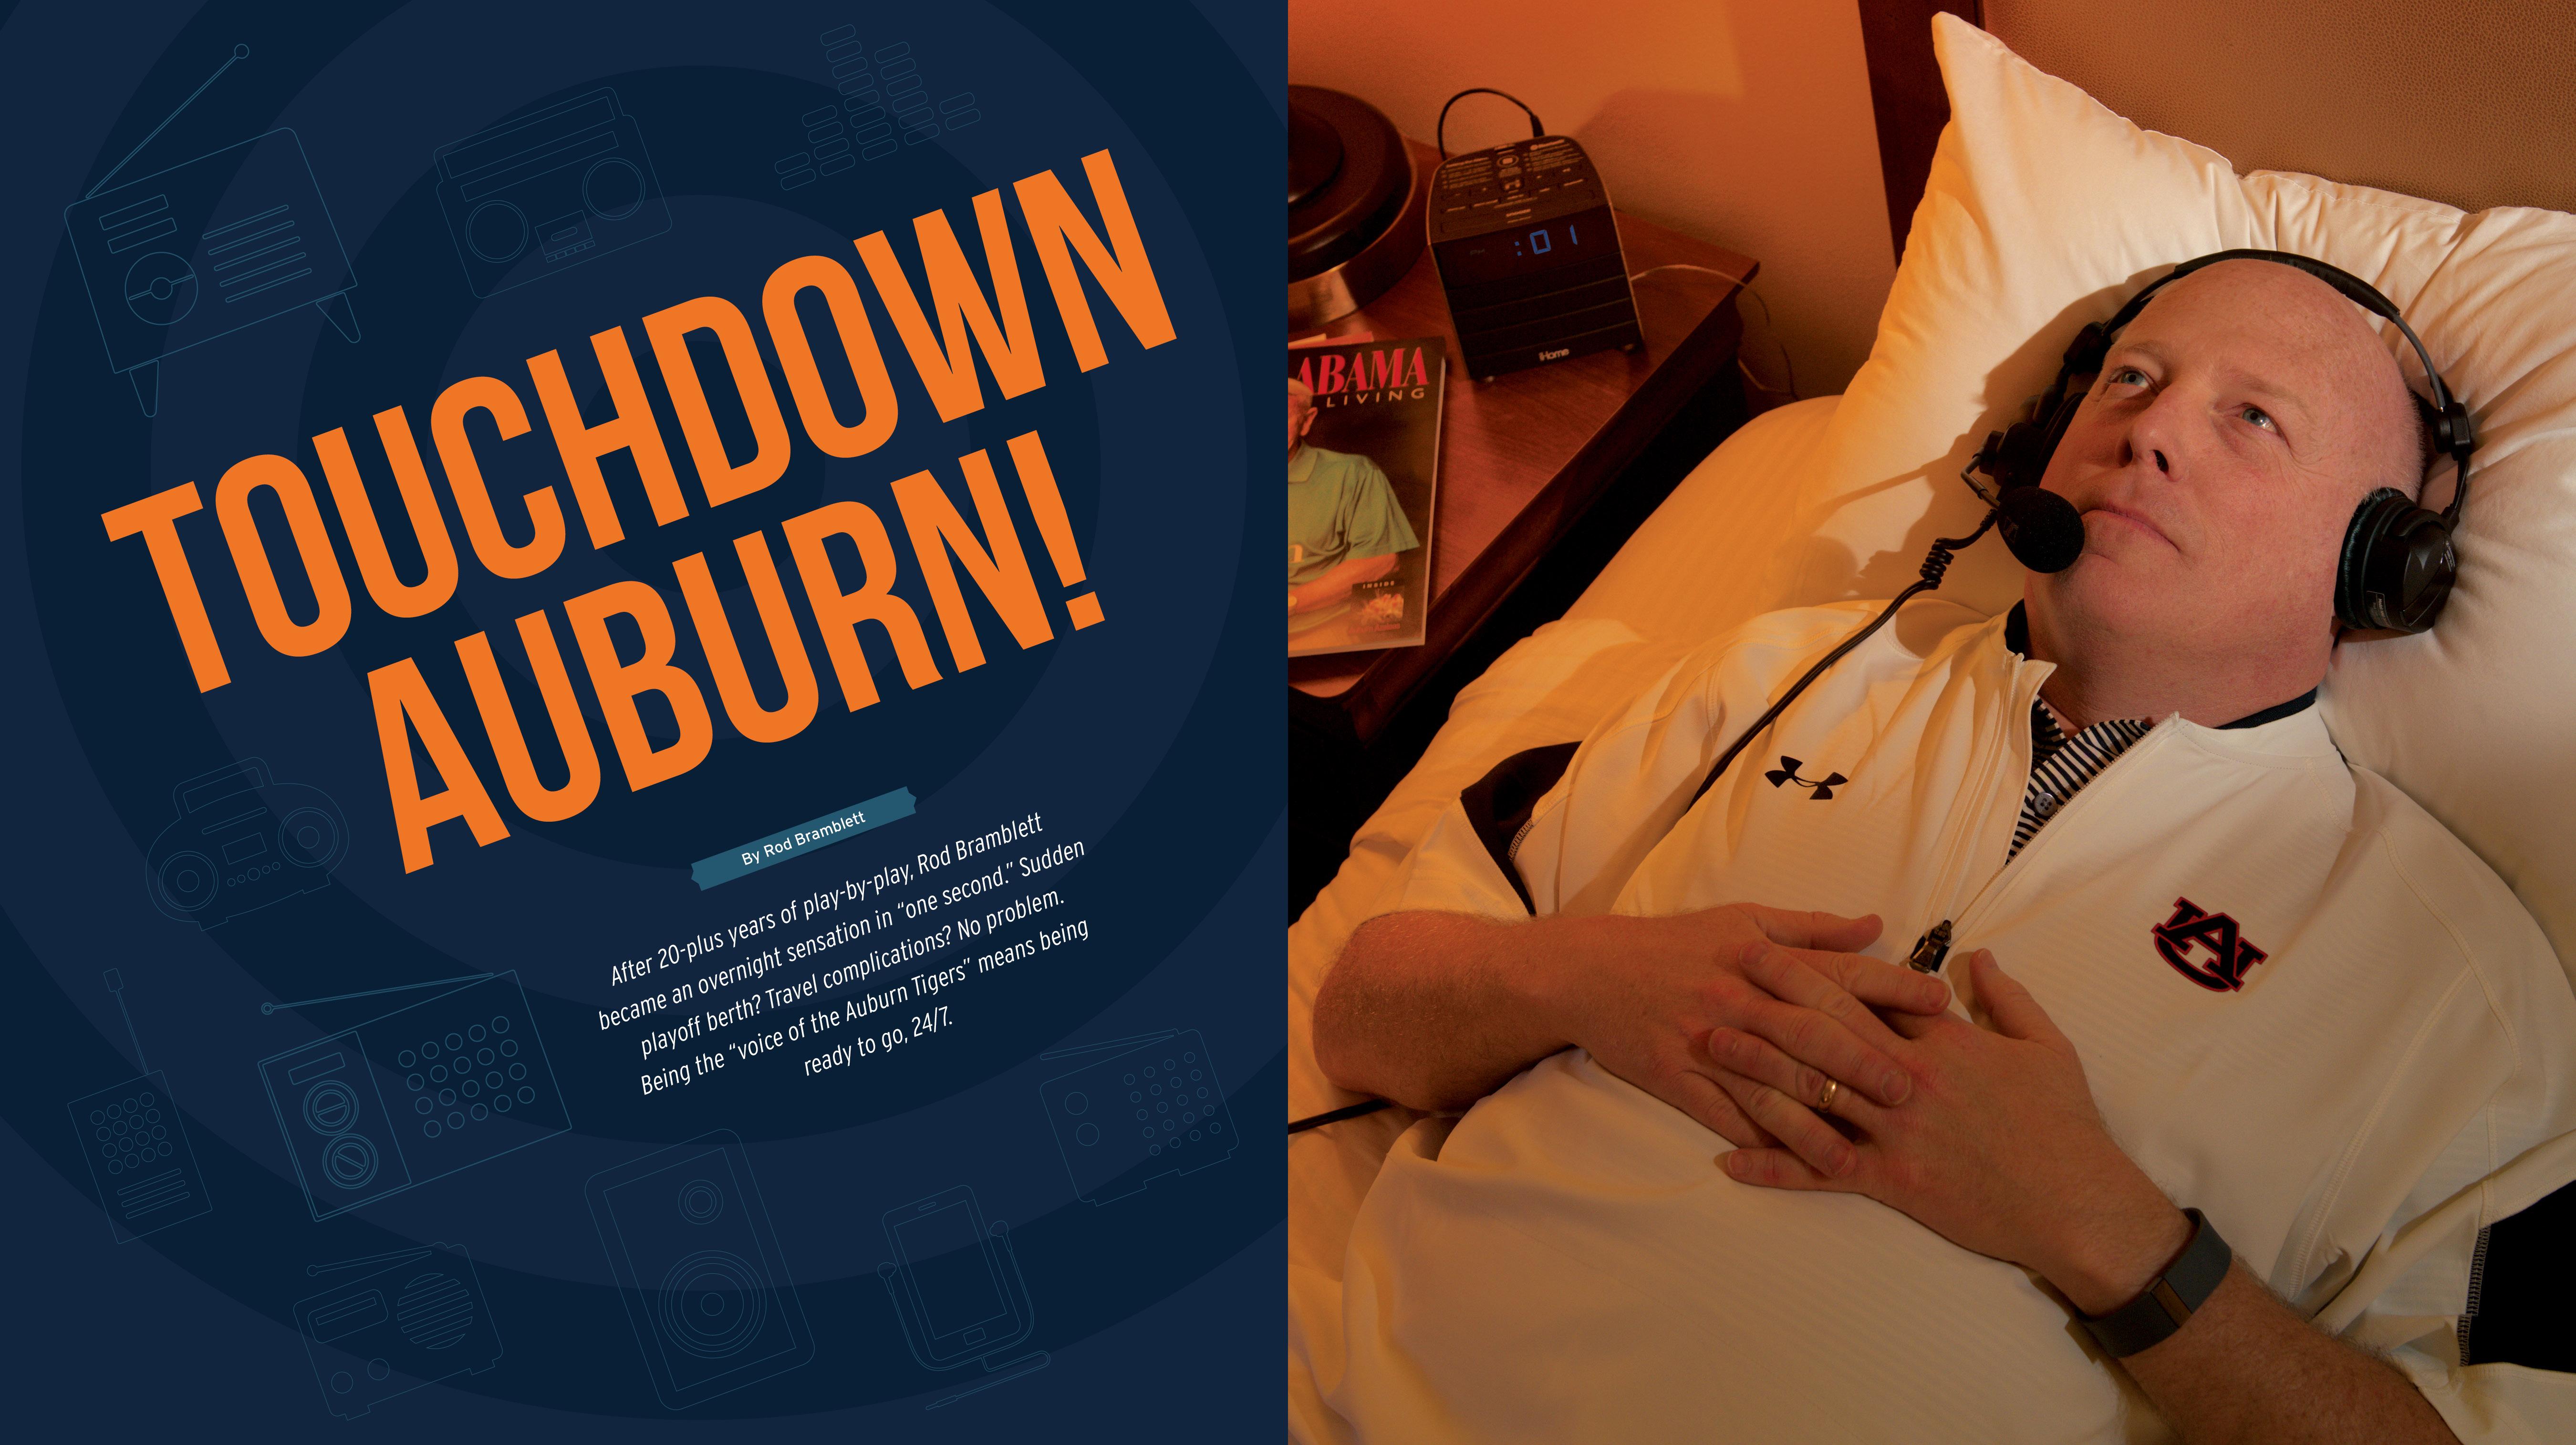 Touchdown Auburn by Rod Bramblett;